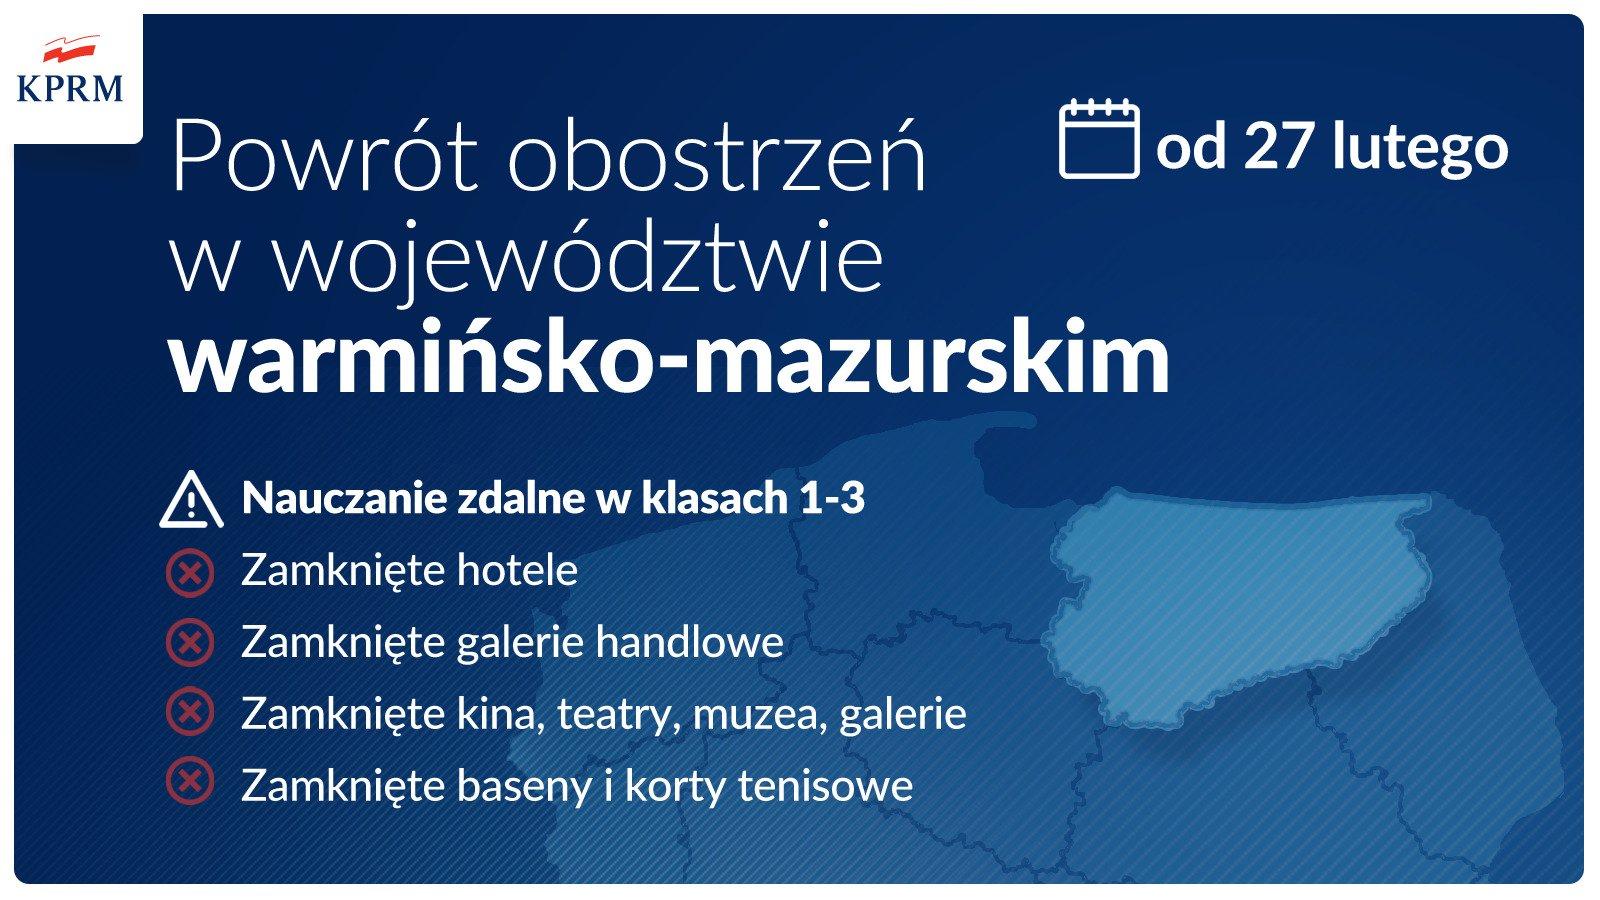 obstrzenia w warminsko mazurskim